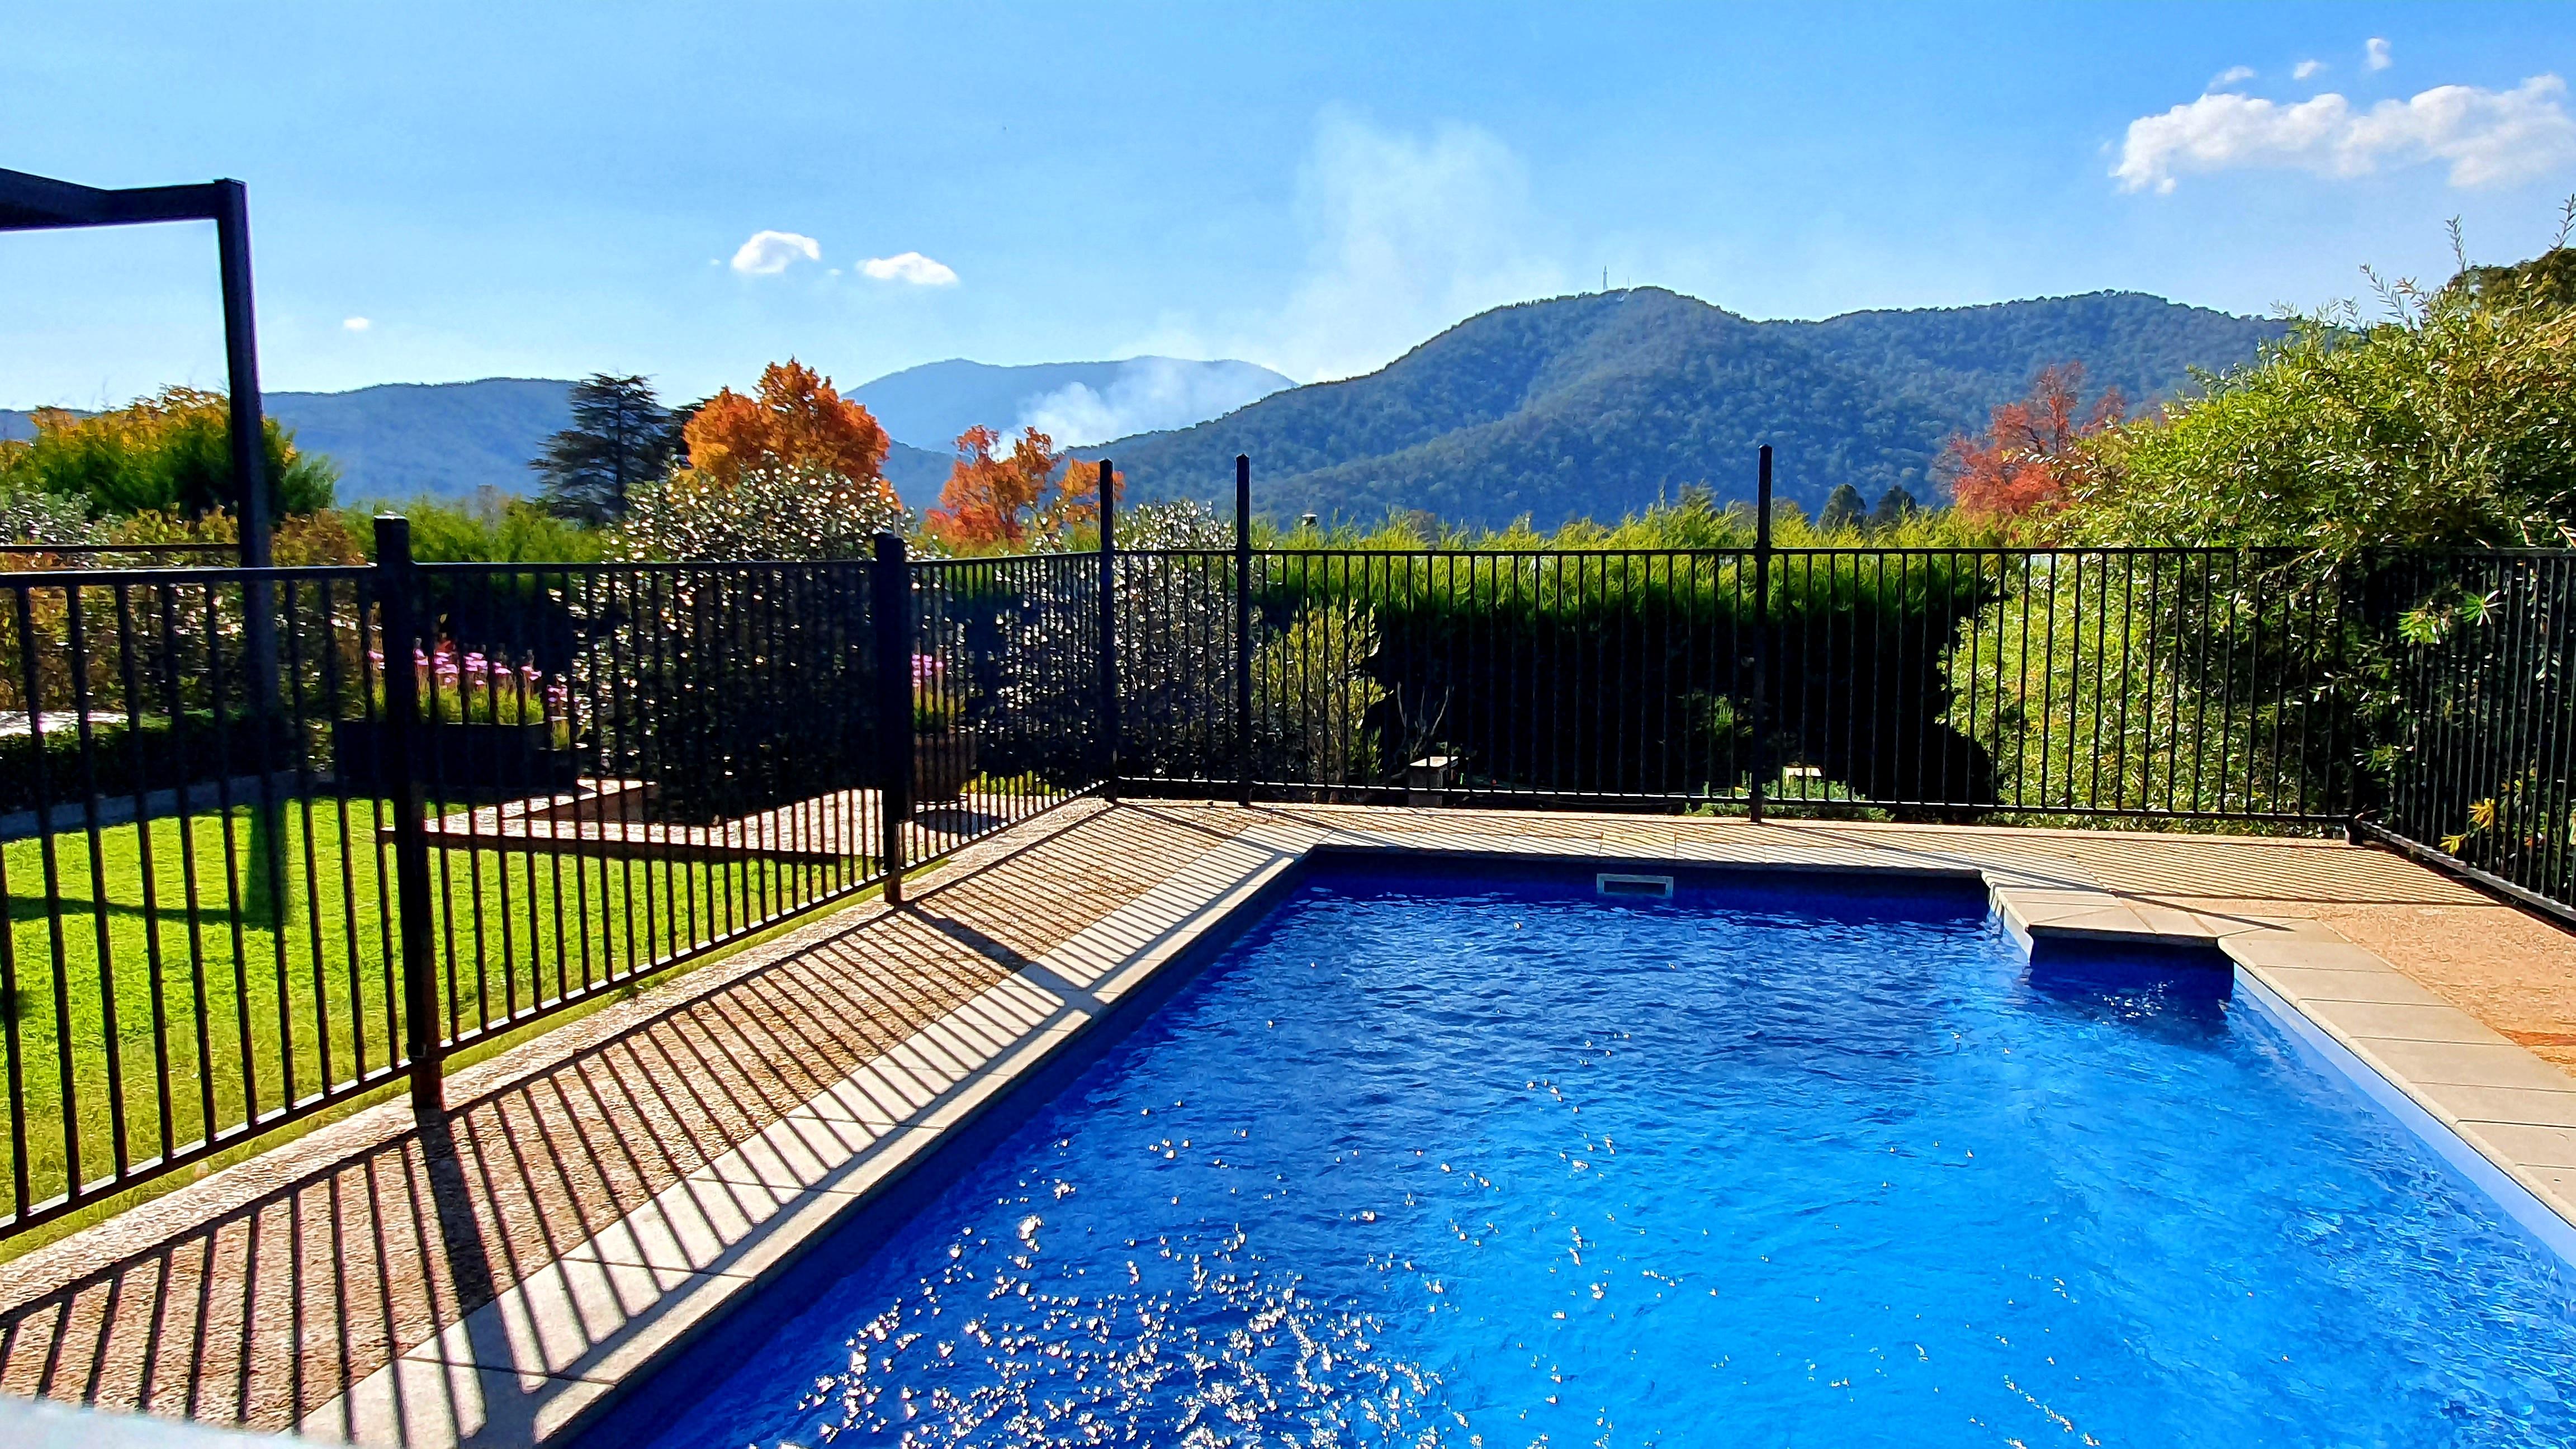 2021 autumn pool view